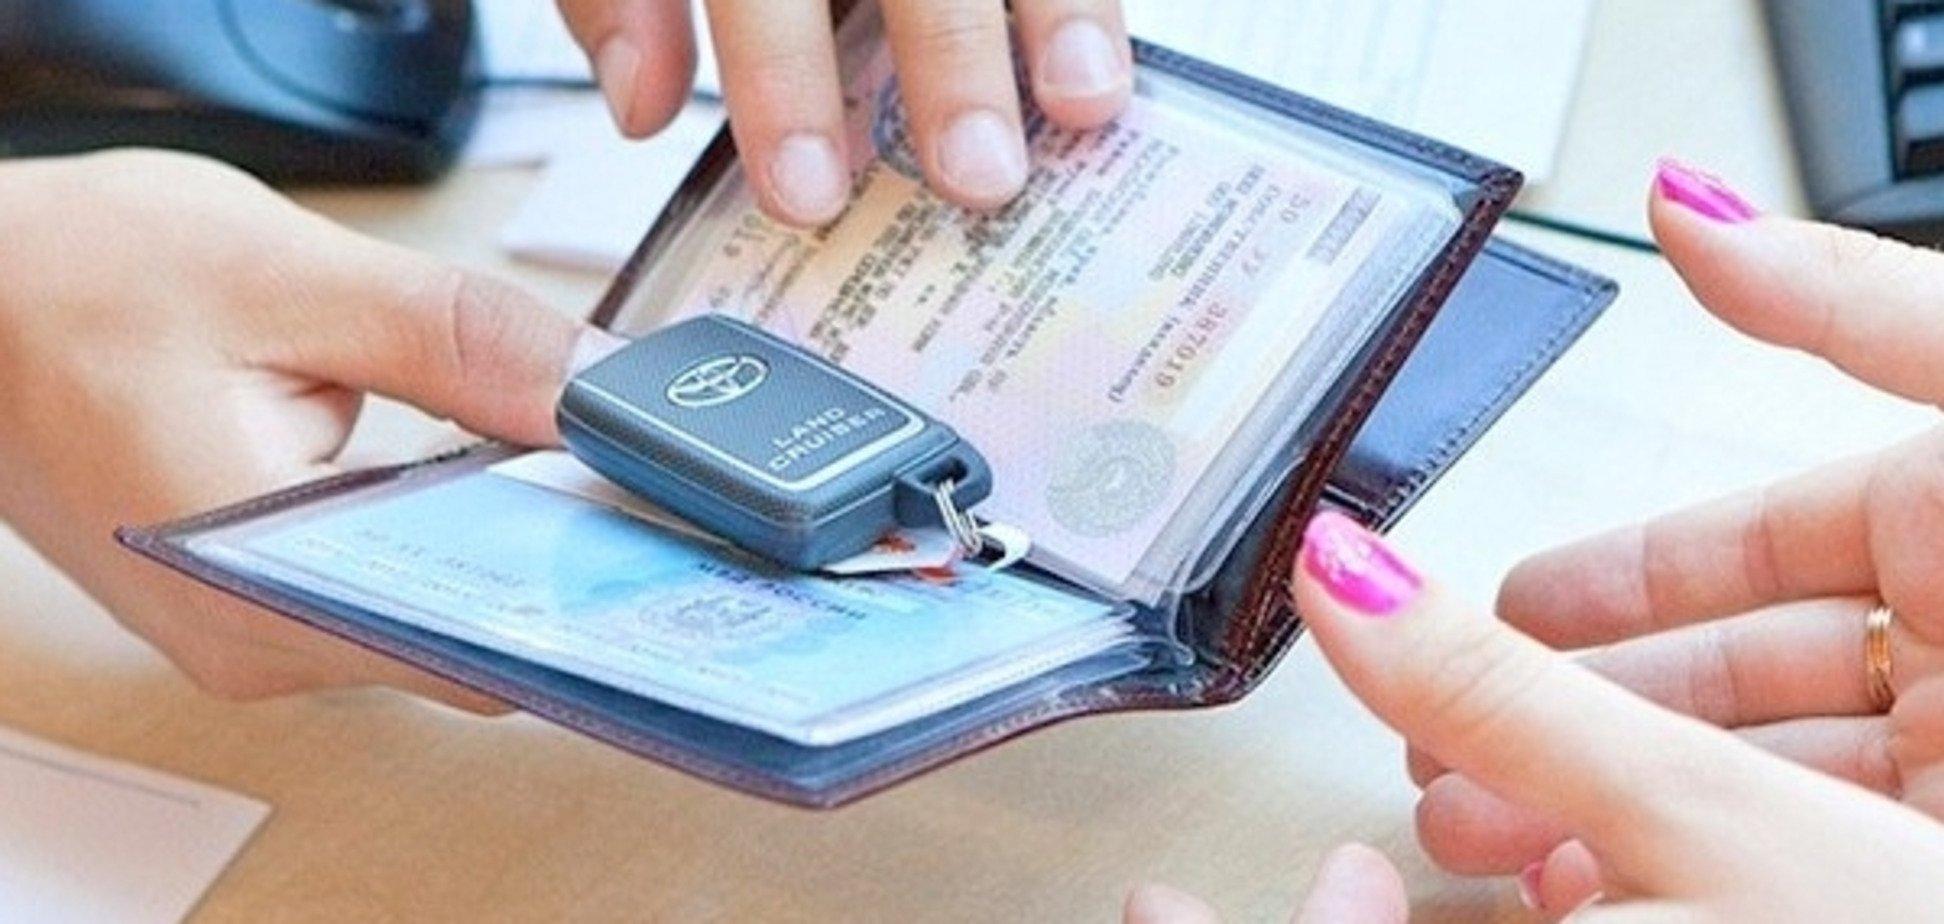 Великі переміни: як змінився в Україні процес реєстрації автомобіля